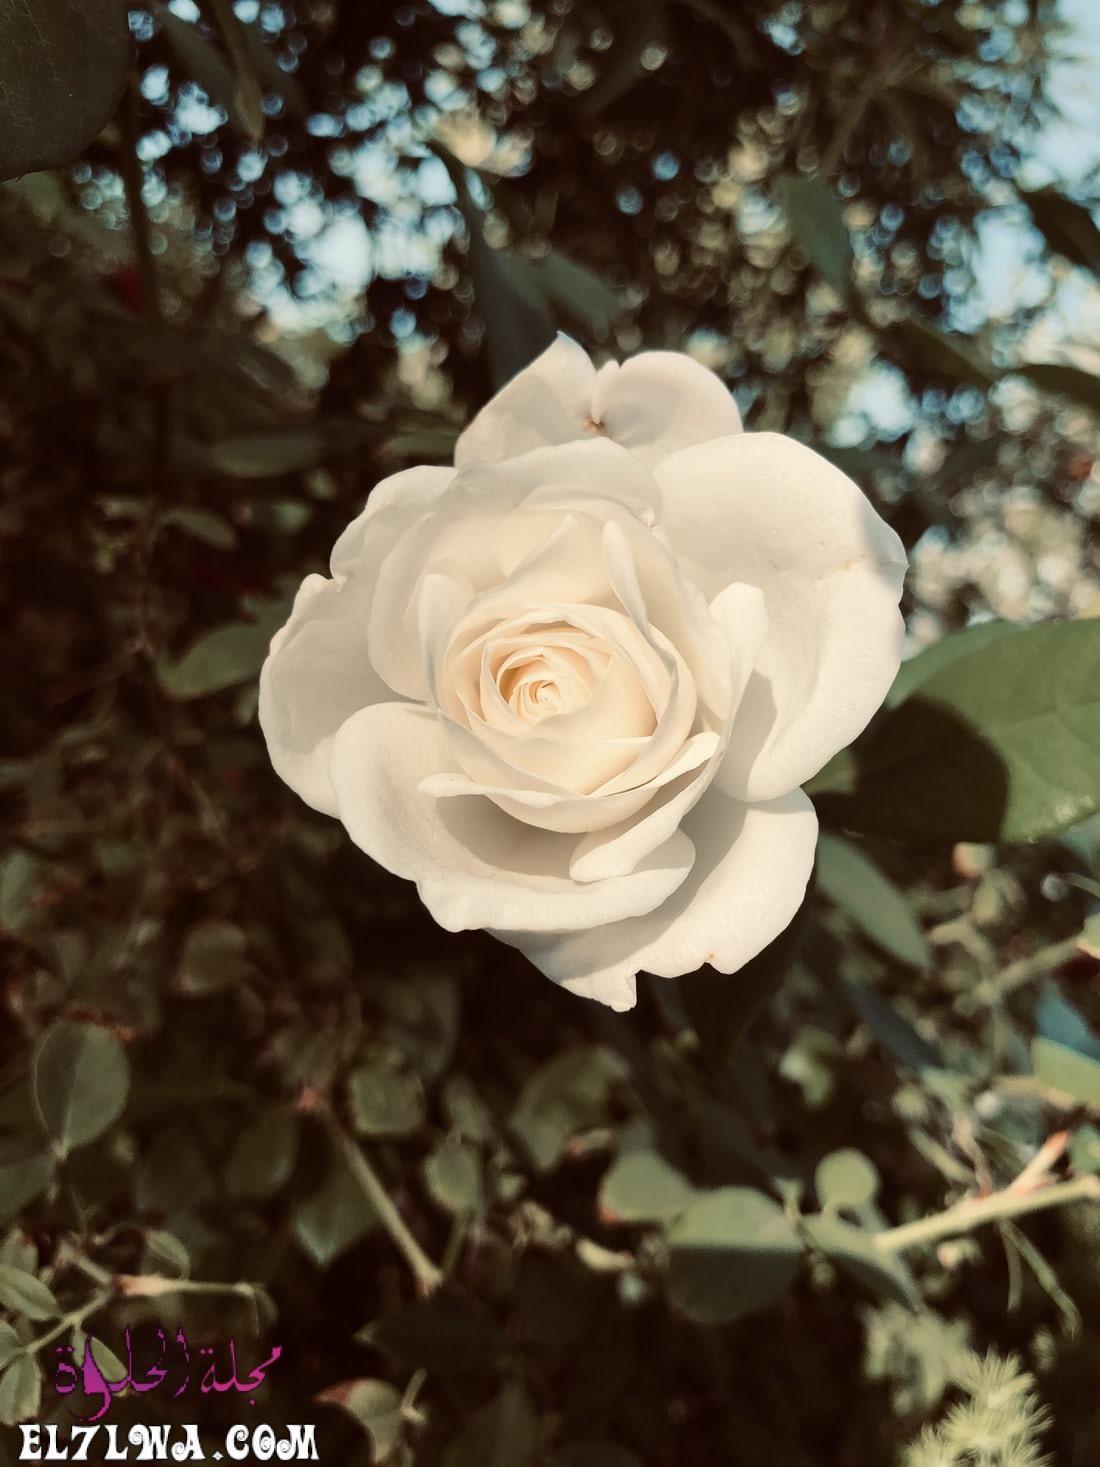 خلفيات ورد خلفيات ورود جميلة جدا خلفيات ورد طبيعي الورد من أكثر الأشياء التي ترسم البسمة وتبعث الر احة والت فاؤل بألوان In 2021 Flowers Flower Close Up Flower Garden